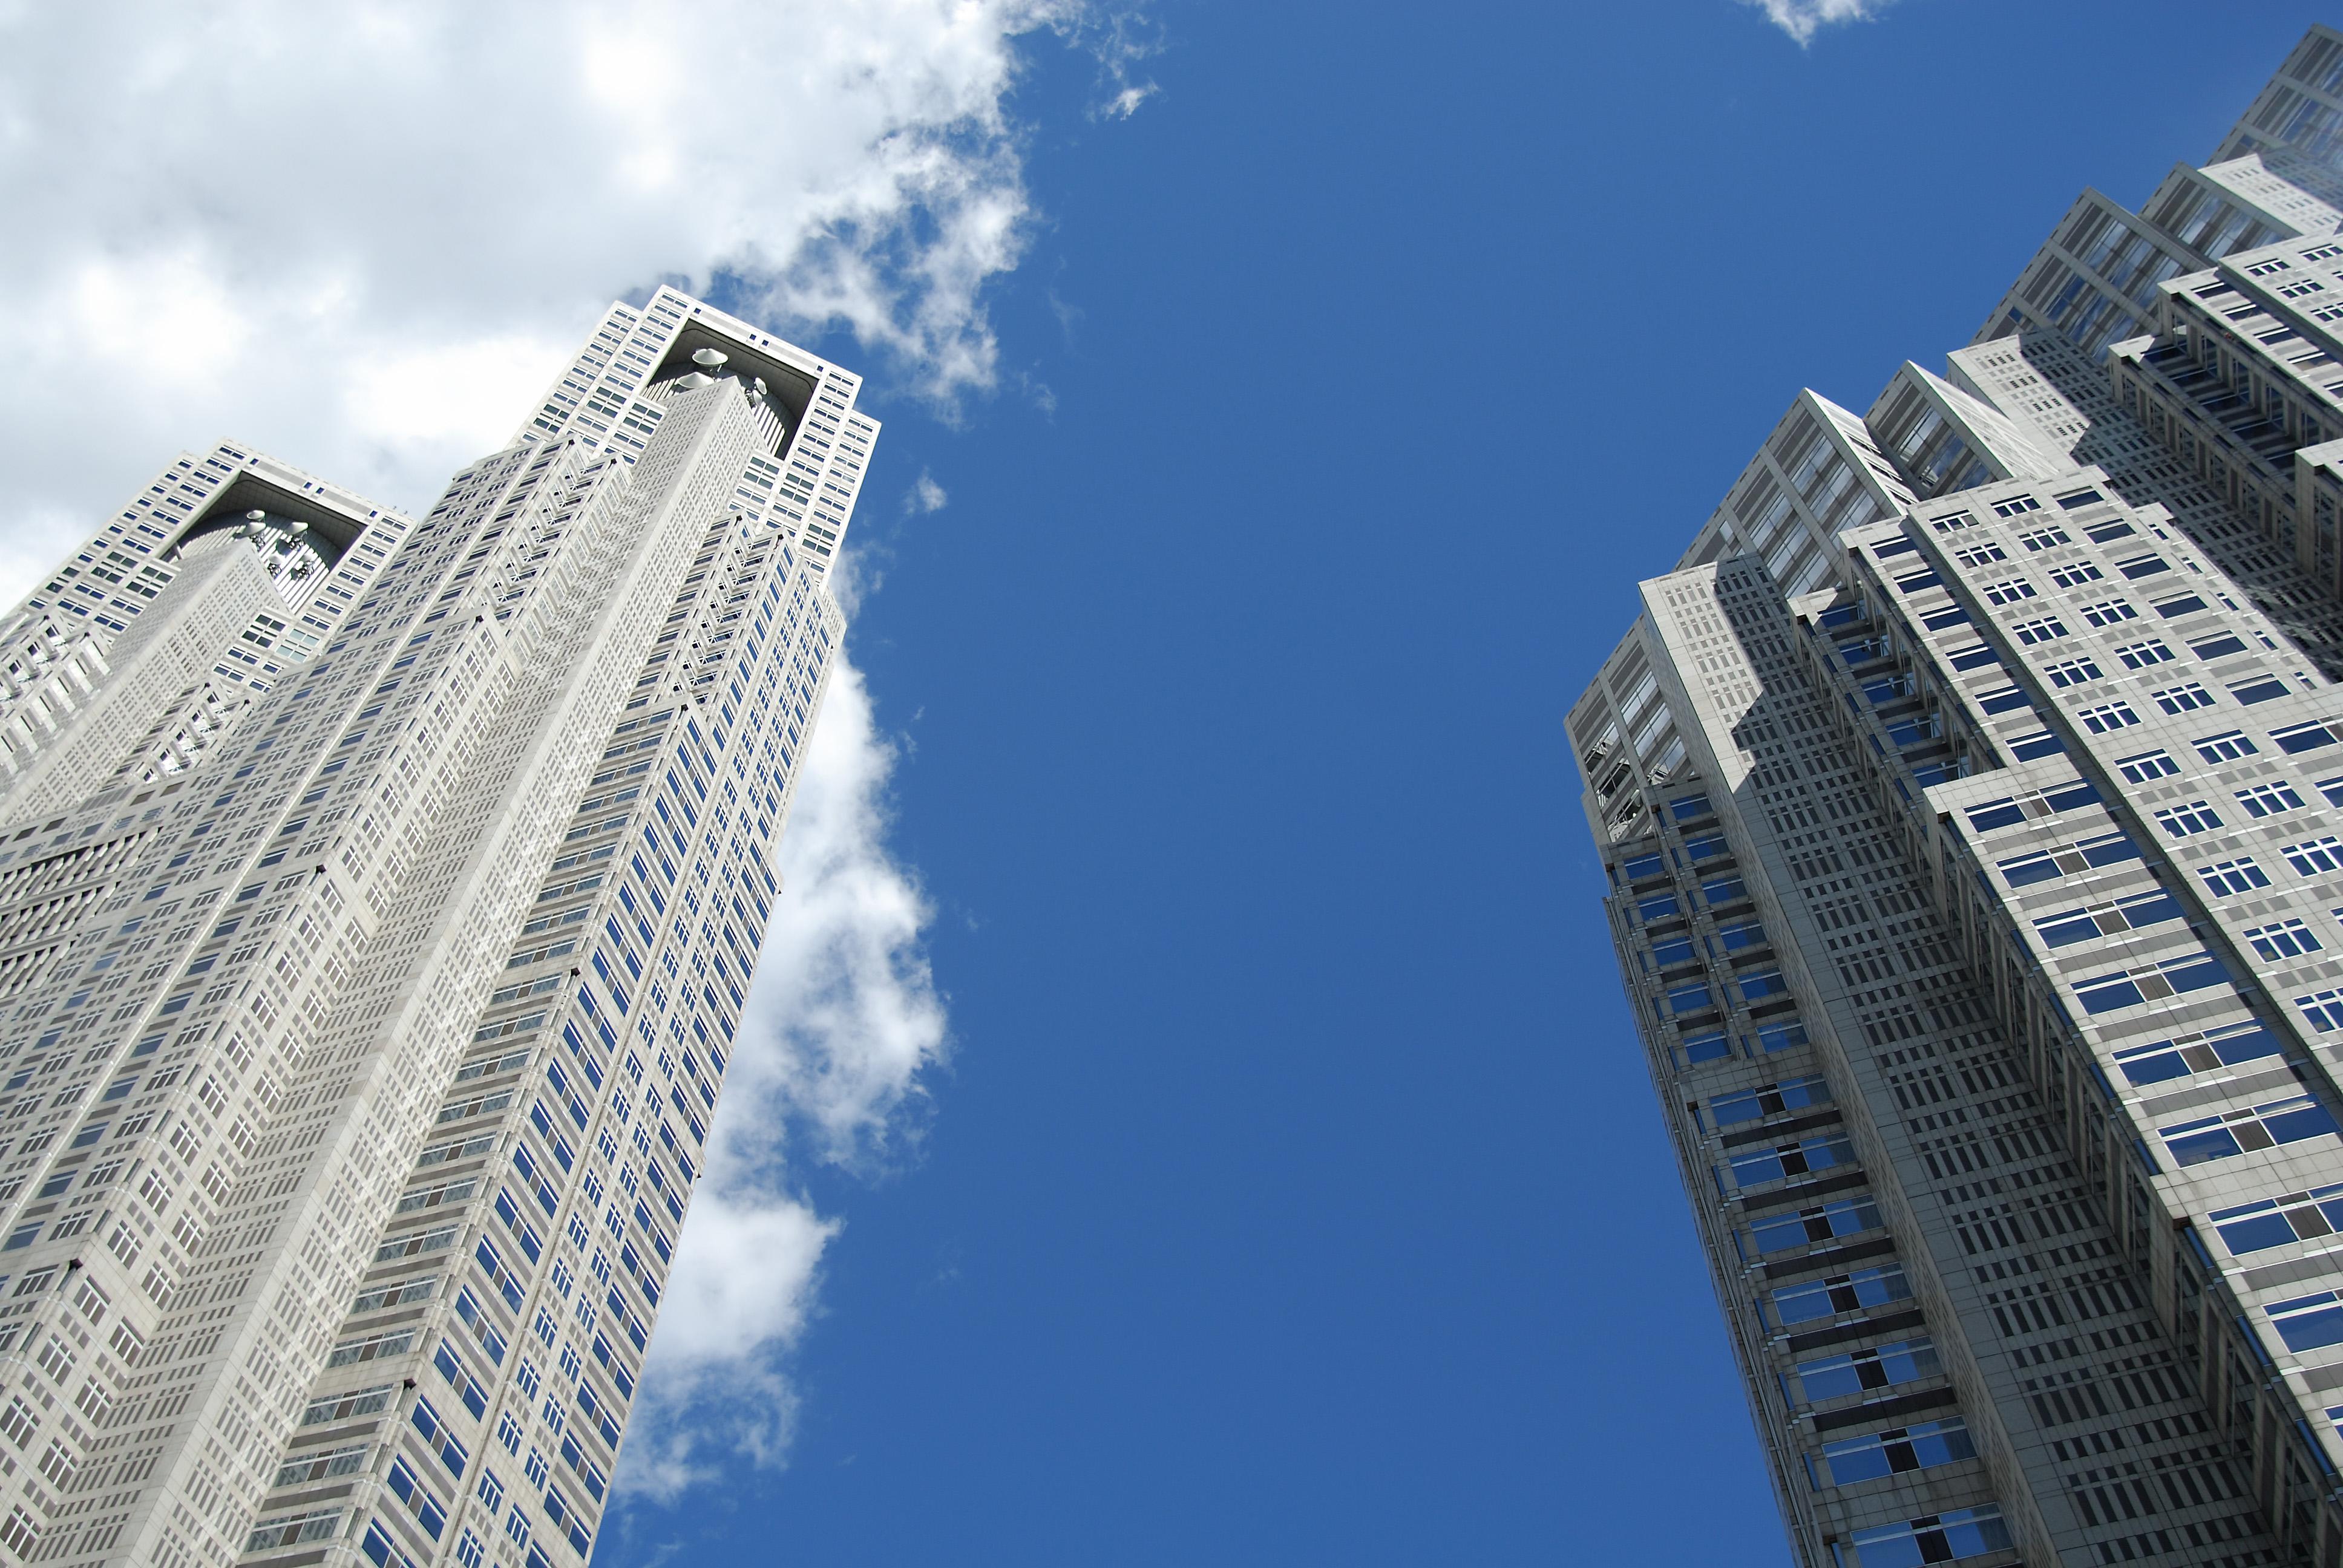 【毎年の固定資産税が気になる方へ】東京都特別区では、令和3年では土日休日を除いた4月1日(木)から6月30日(水)まで固定資産税にかかる土地や家屋の価格等の情報を都税事務所で確認出来ます